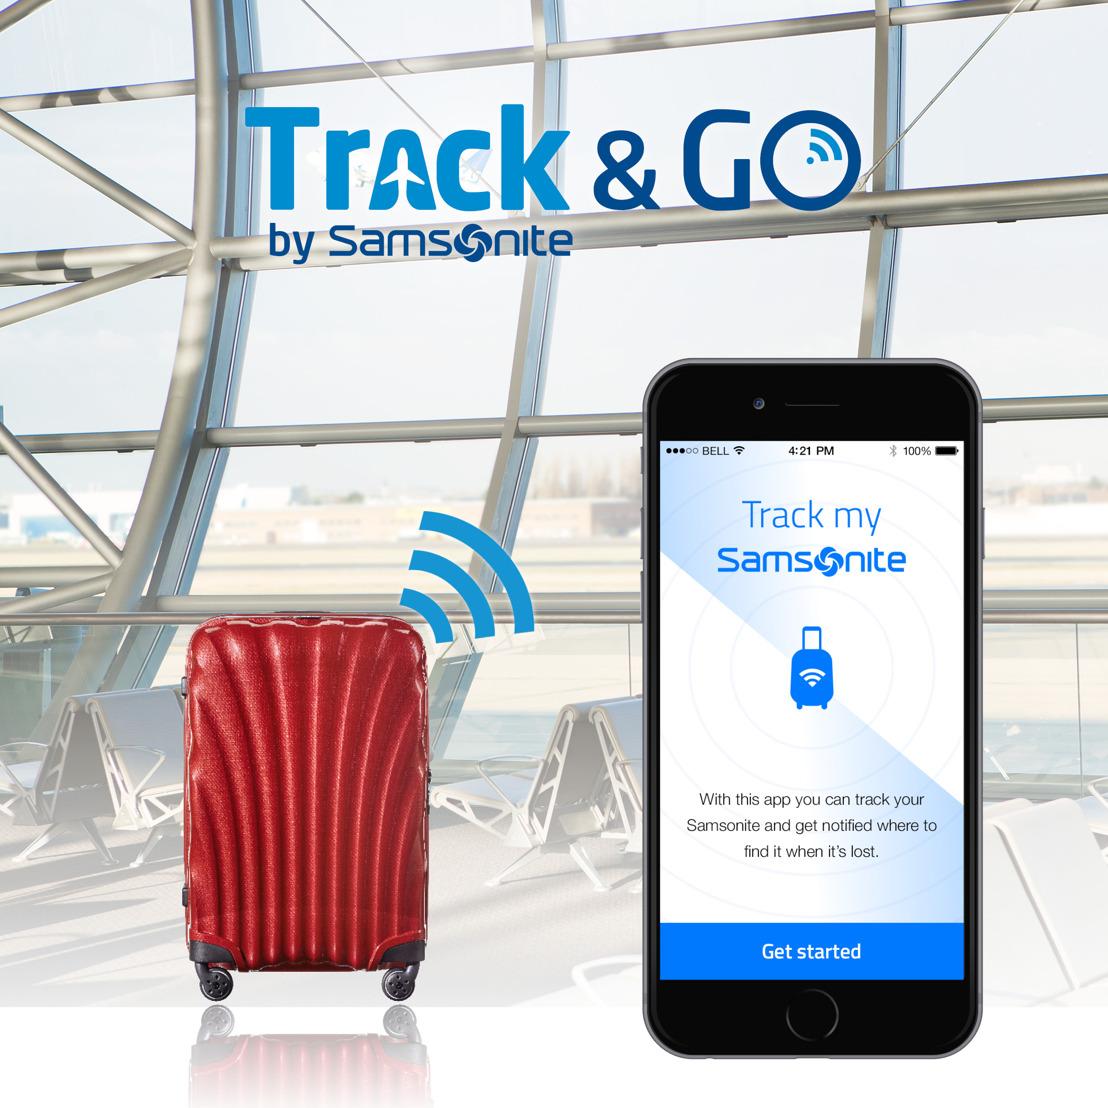 Samsonite collabore avec Vodafone pour le développement de son système de localisation de bagages innovante Track&Go.